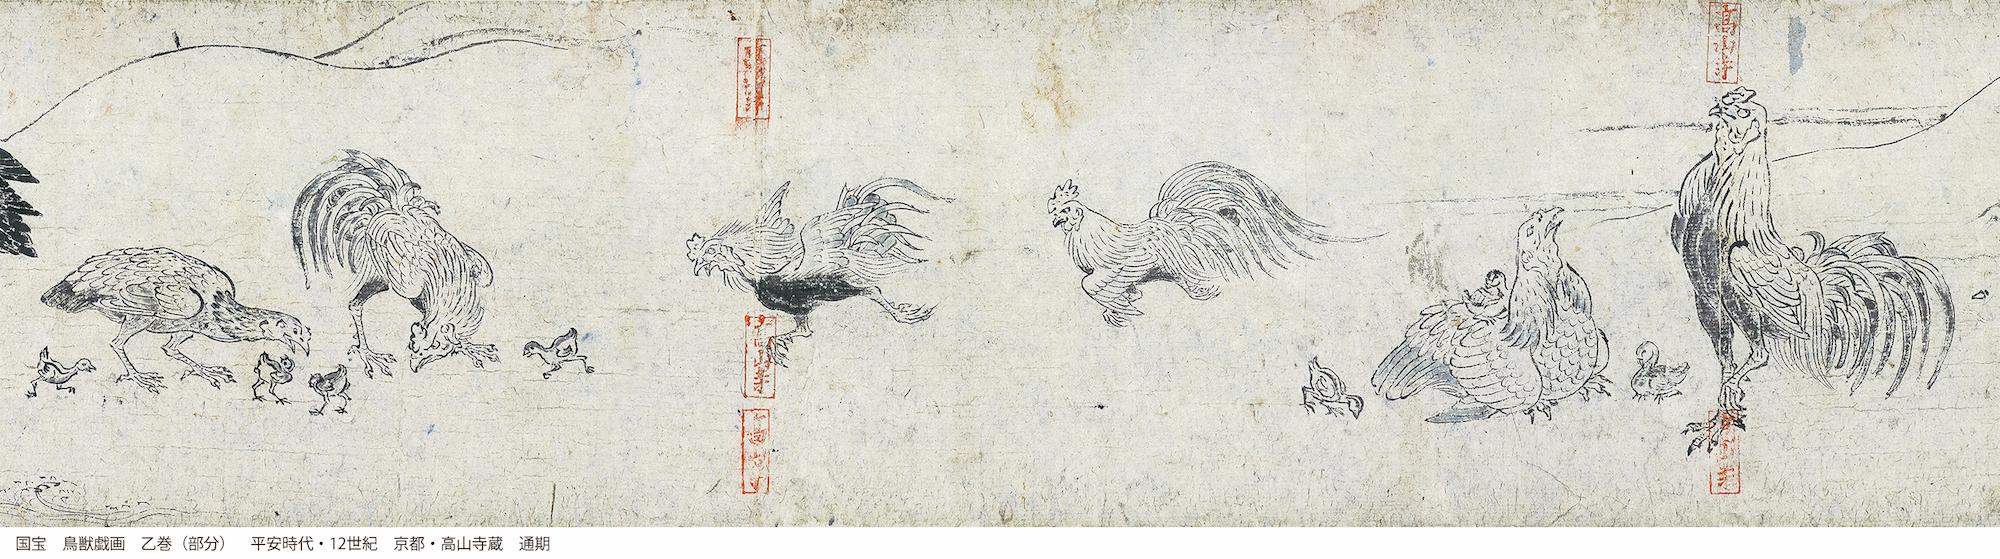 国宝 鳥獣戯画 乙巻(部分) 平安時代 12世紀 京都・高山寺 通期